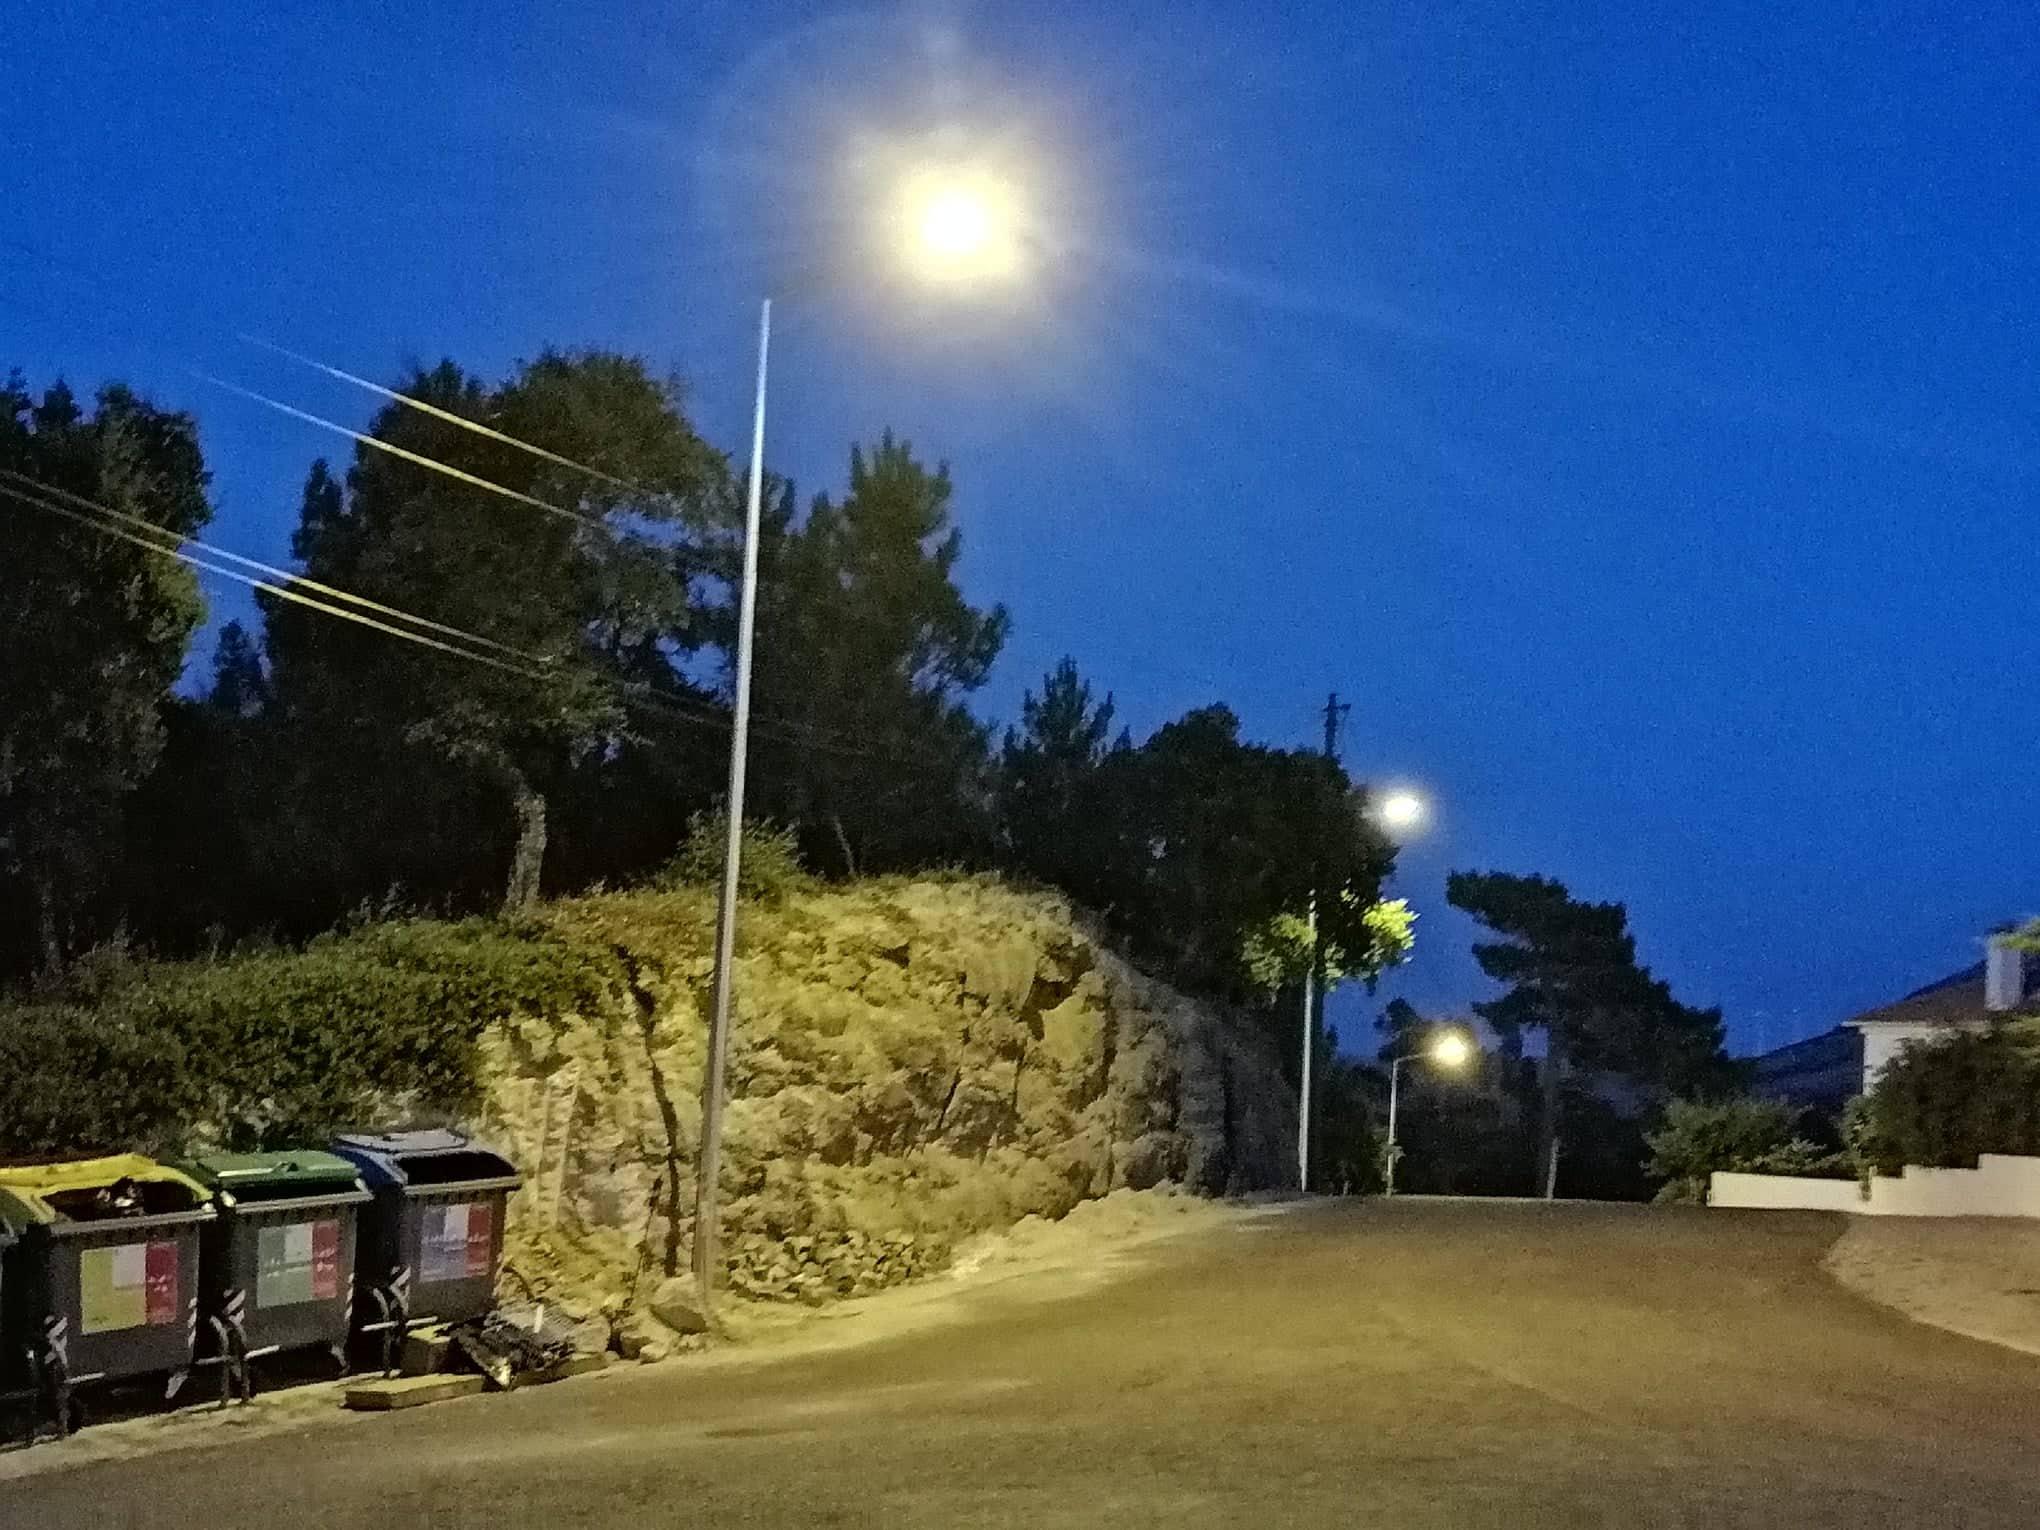 RIBAS DE CIMA -(rc) Iluminação pública da Rua da Esperança – Zona Ecoponto- Rua José Marques Corigo no cruzamento Rua Américo Francisco, melhorando a segurança e o bem-estar da população!